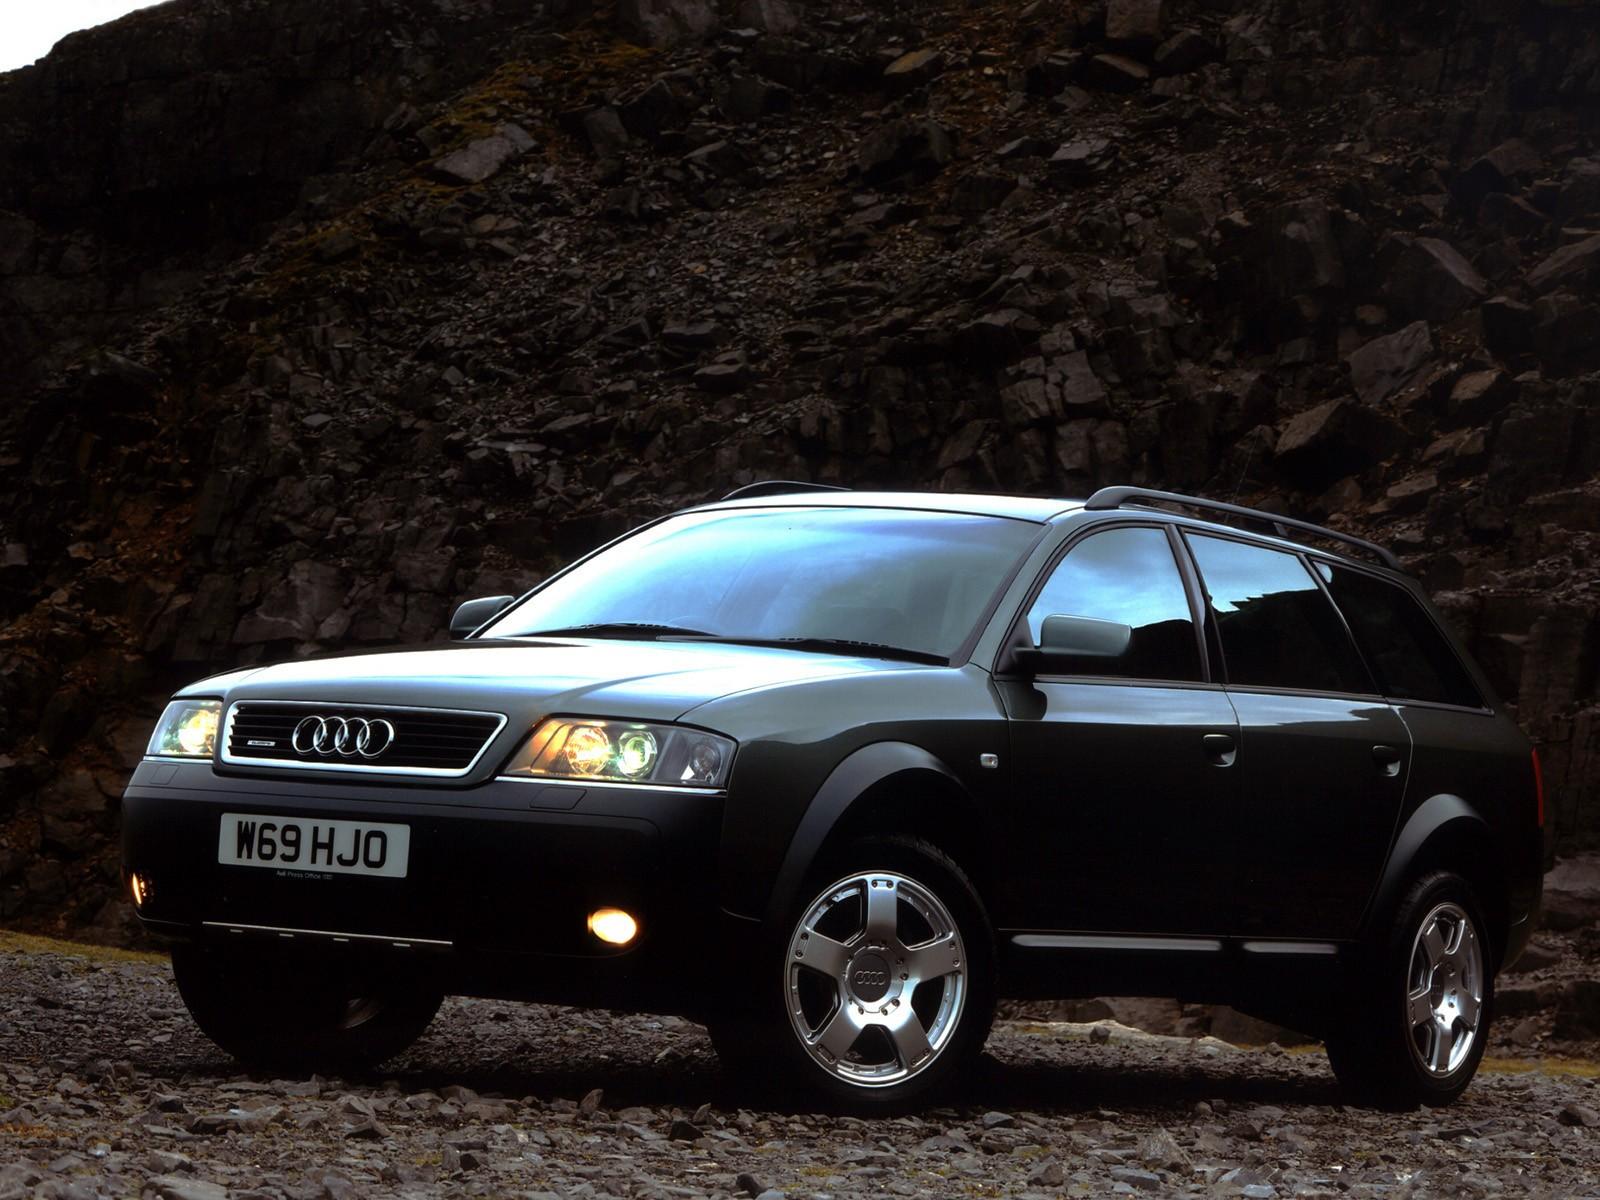 Green Auto Sales >> AUDI Allroad - 2000, 2001, 2002, 2003, 2004, 2005, 2006 - autoevolution